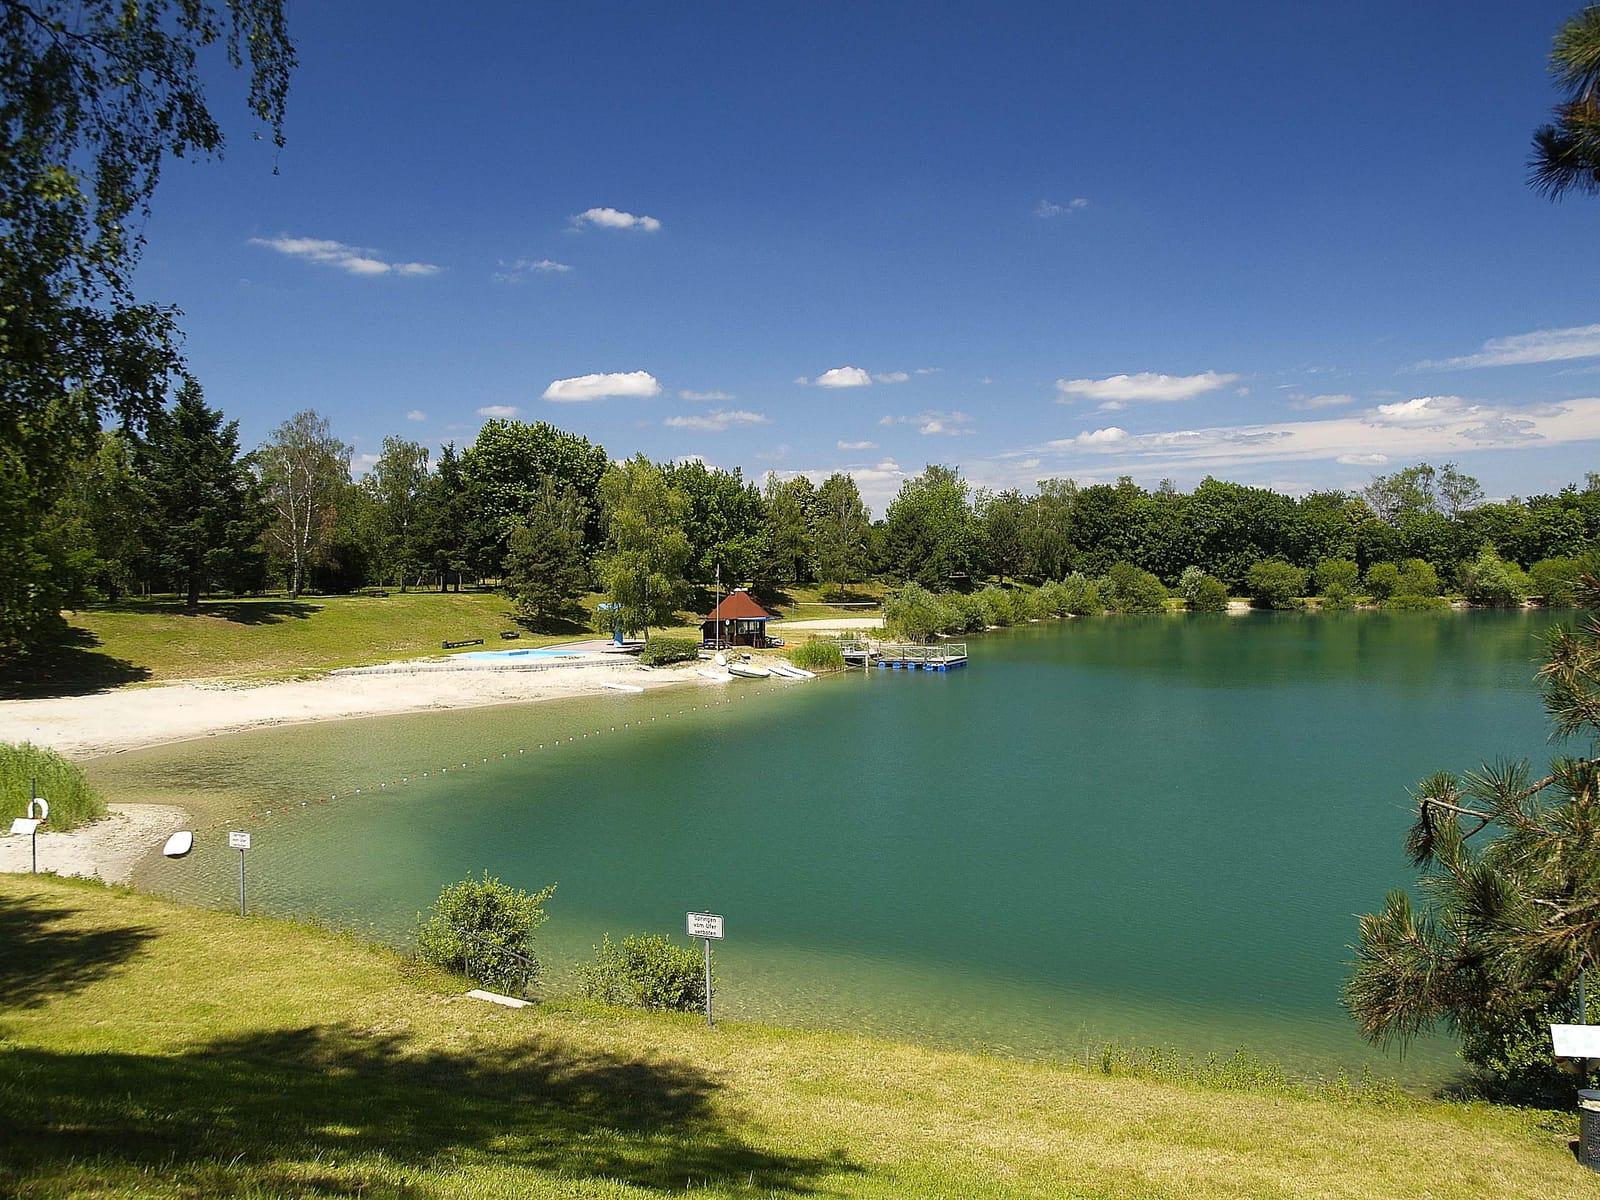 Naturfreibad Kaltenbachsee (14.08.2020)